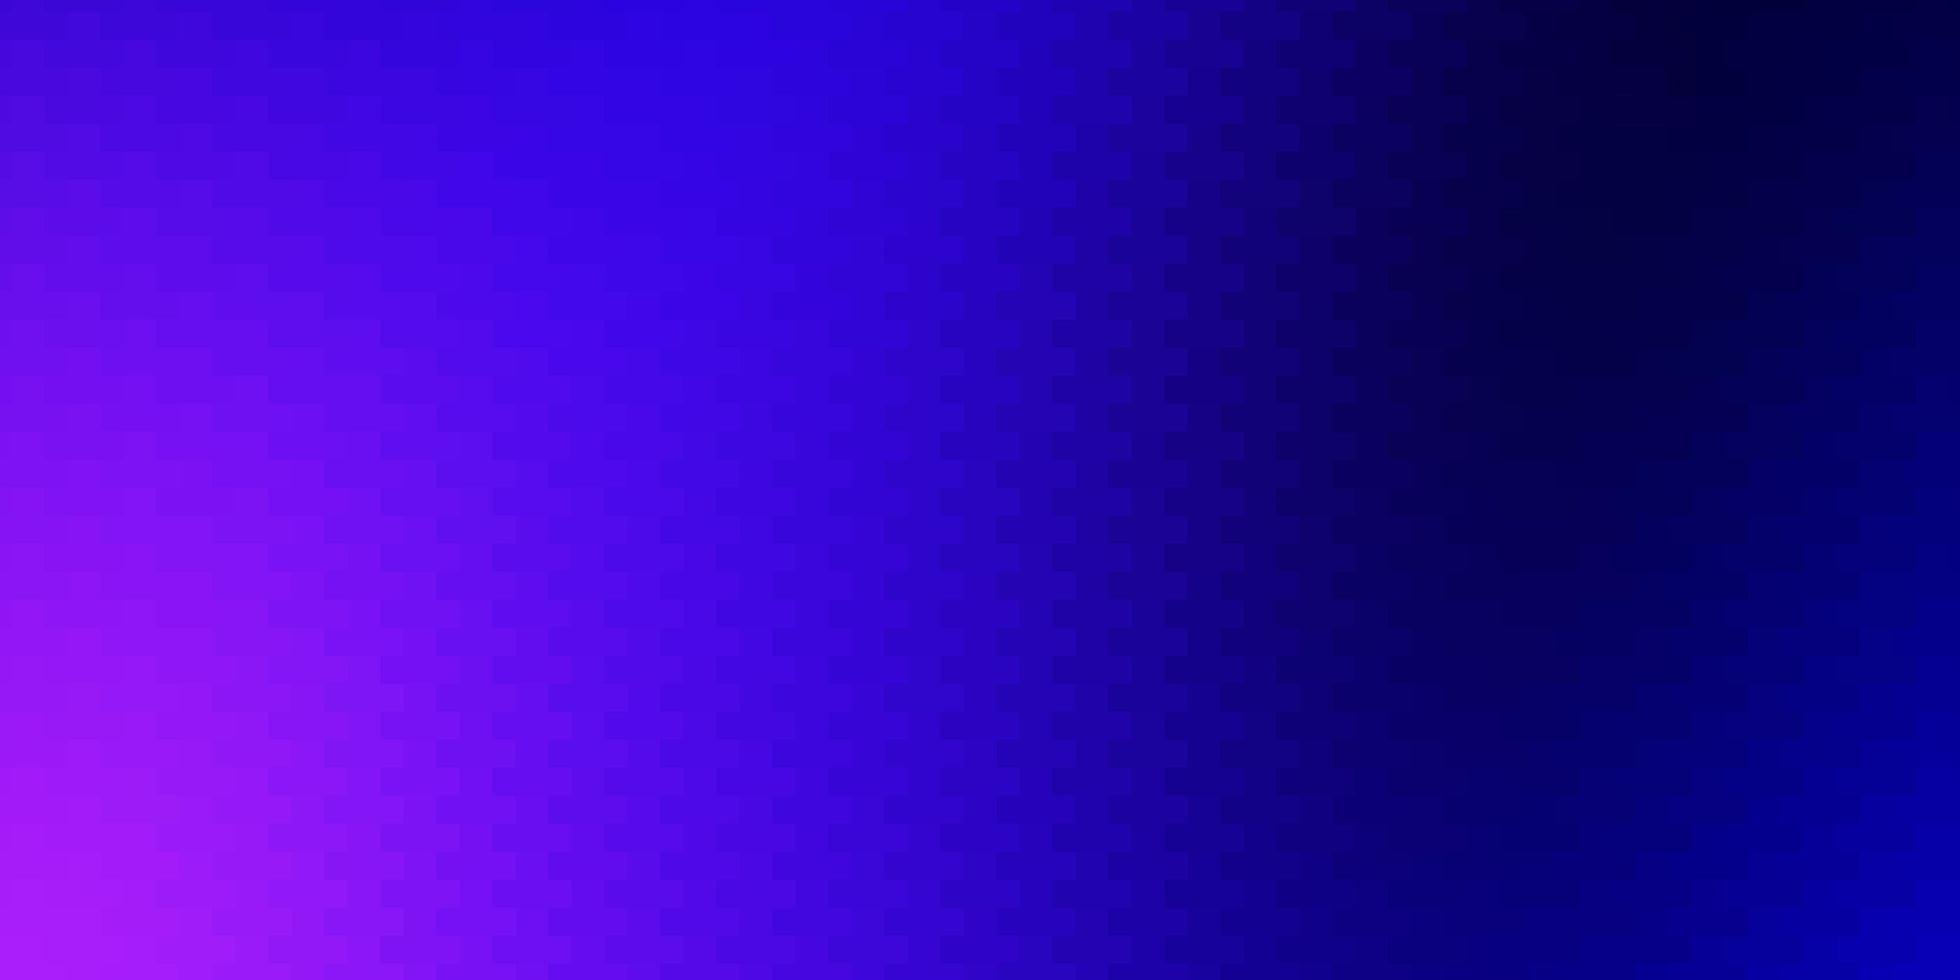 donkerroze, blauwe vectorlay-out met lijnen, rechthoeken. vector